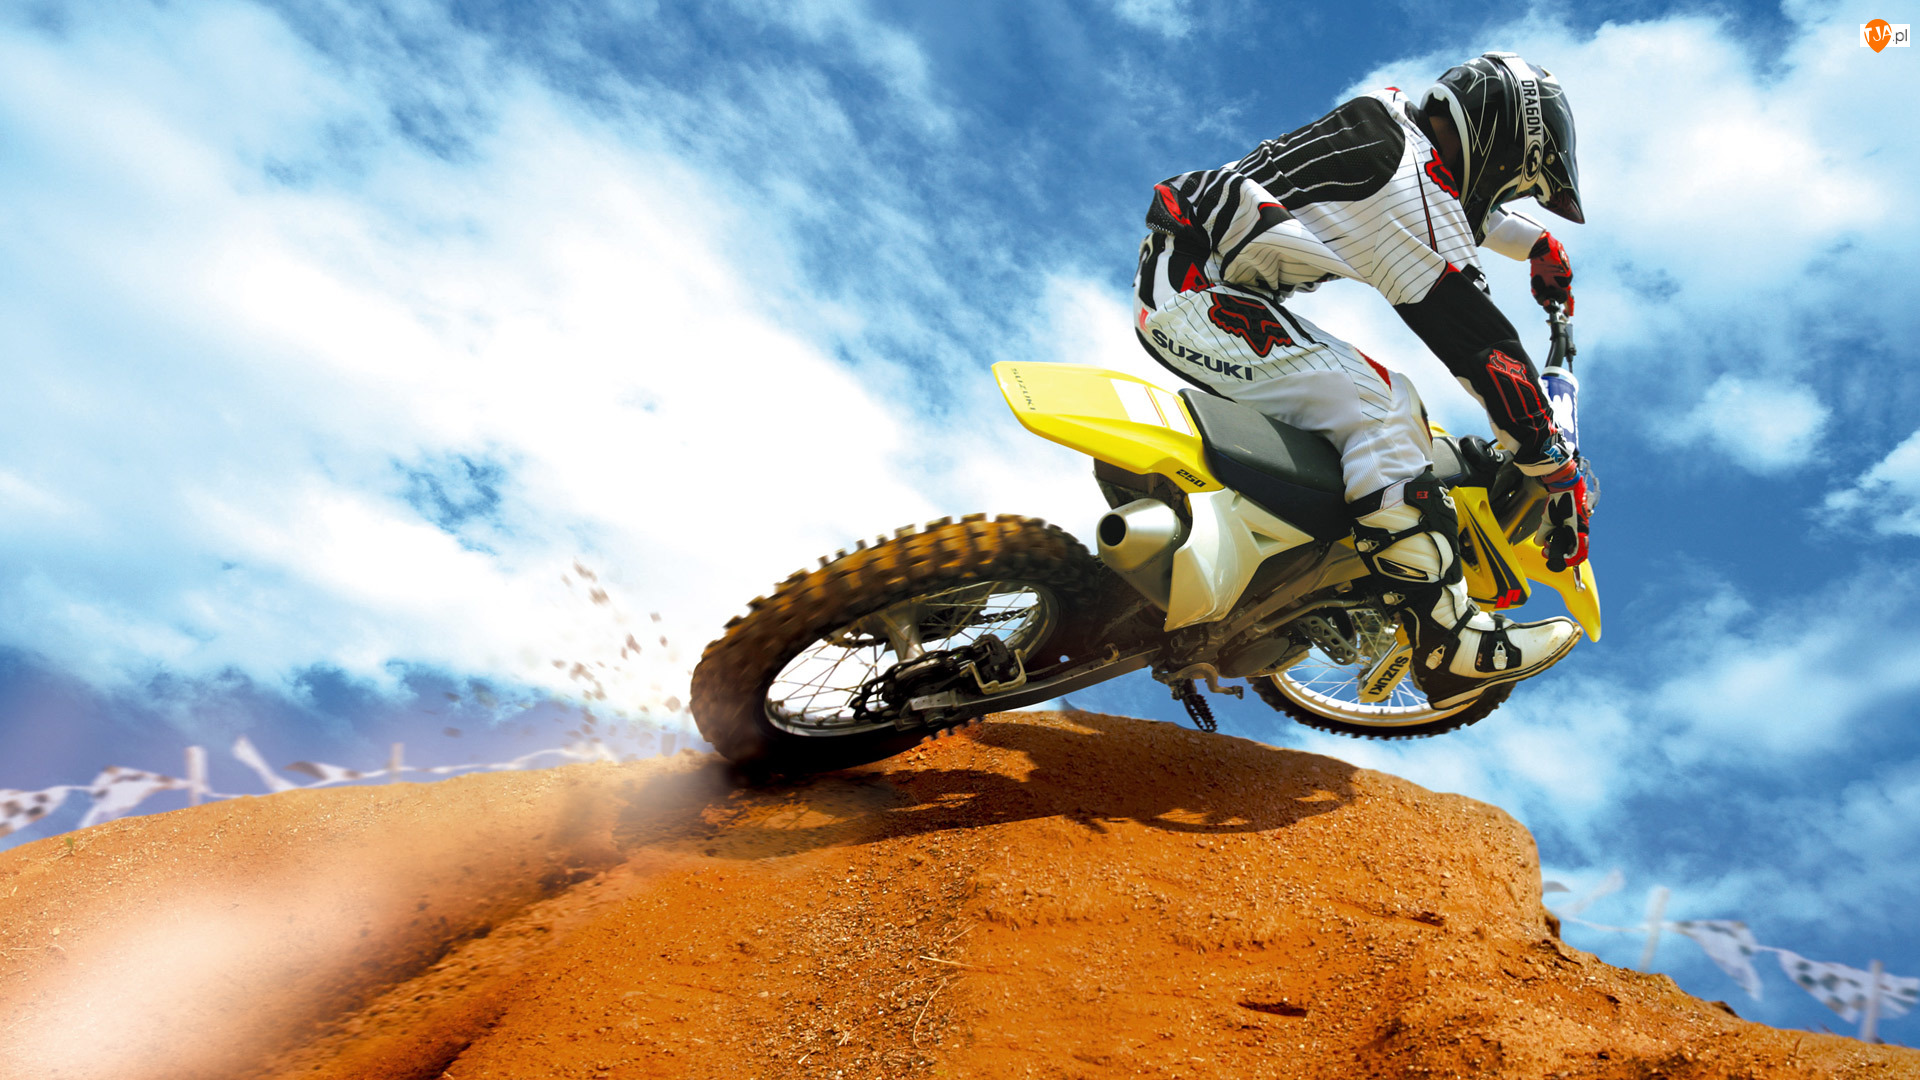 Motor Suzuki 250, Sport, Motocross